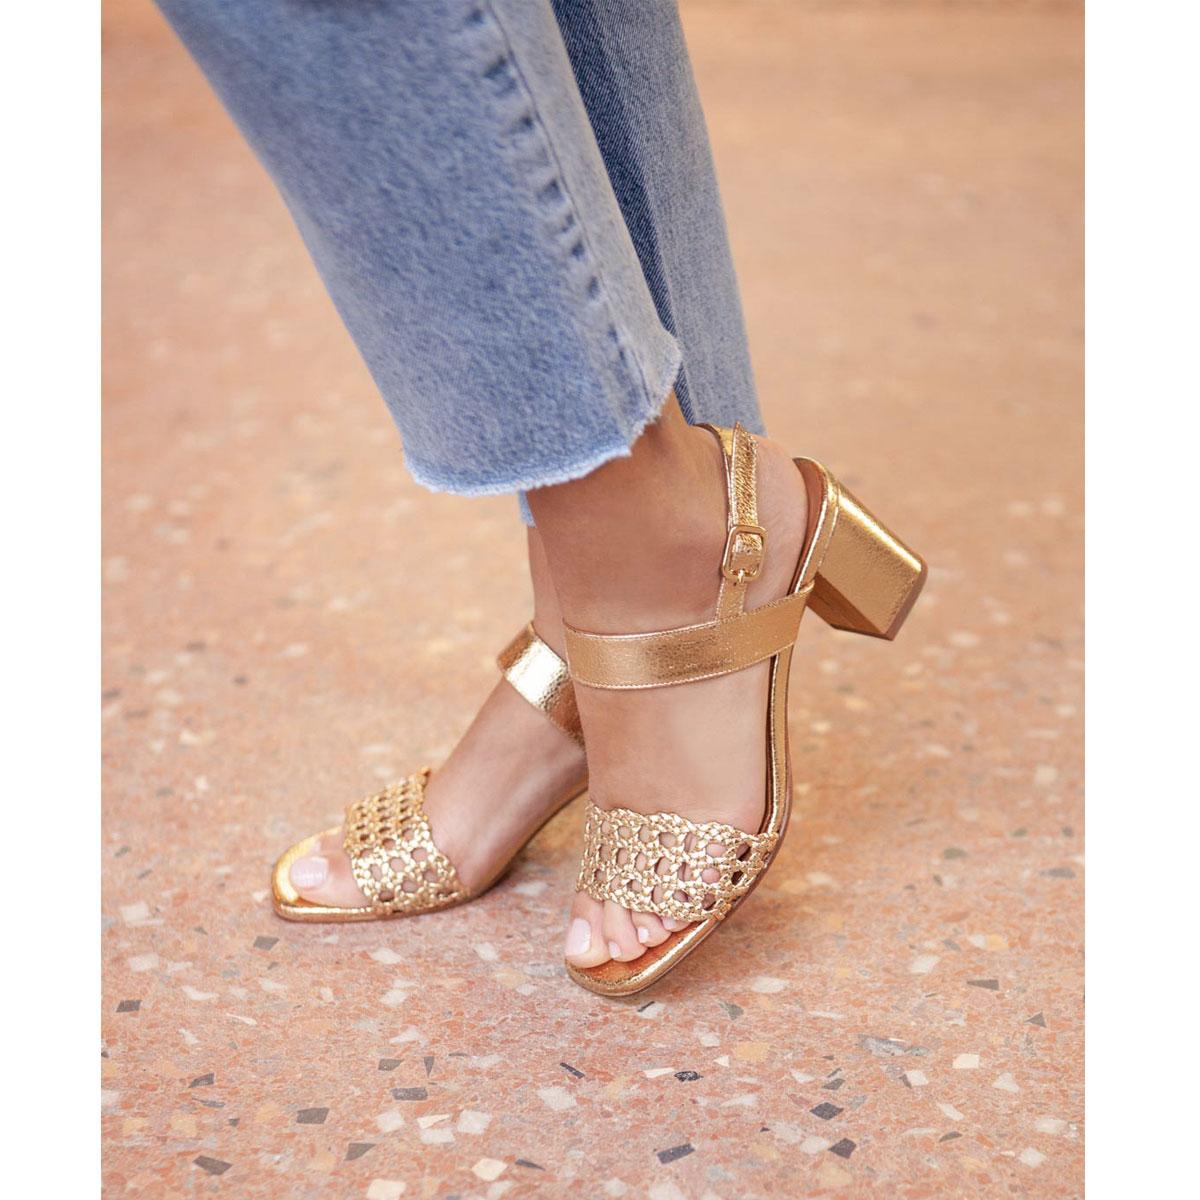 Sandales N°600 Gold